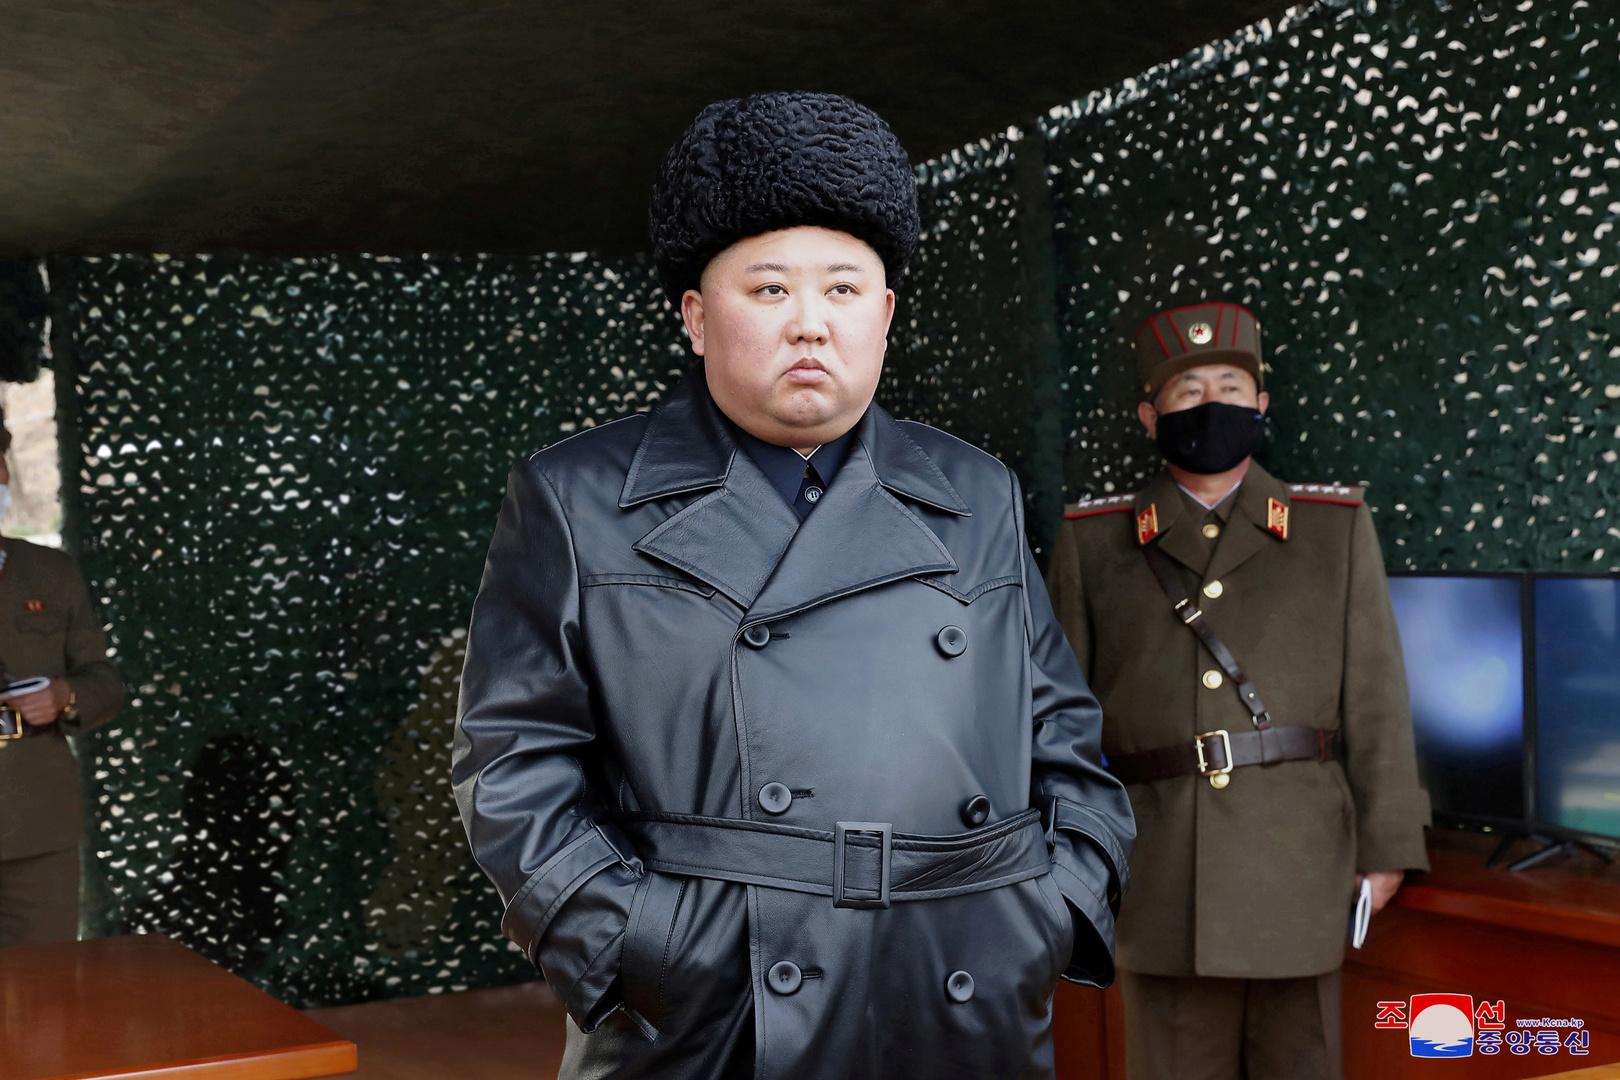 زعيم كوريا الشمالية، كيم جونغ أون.